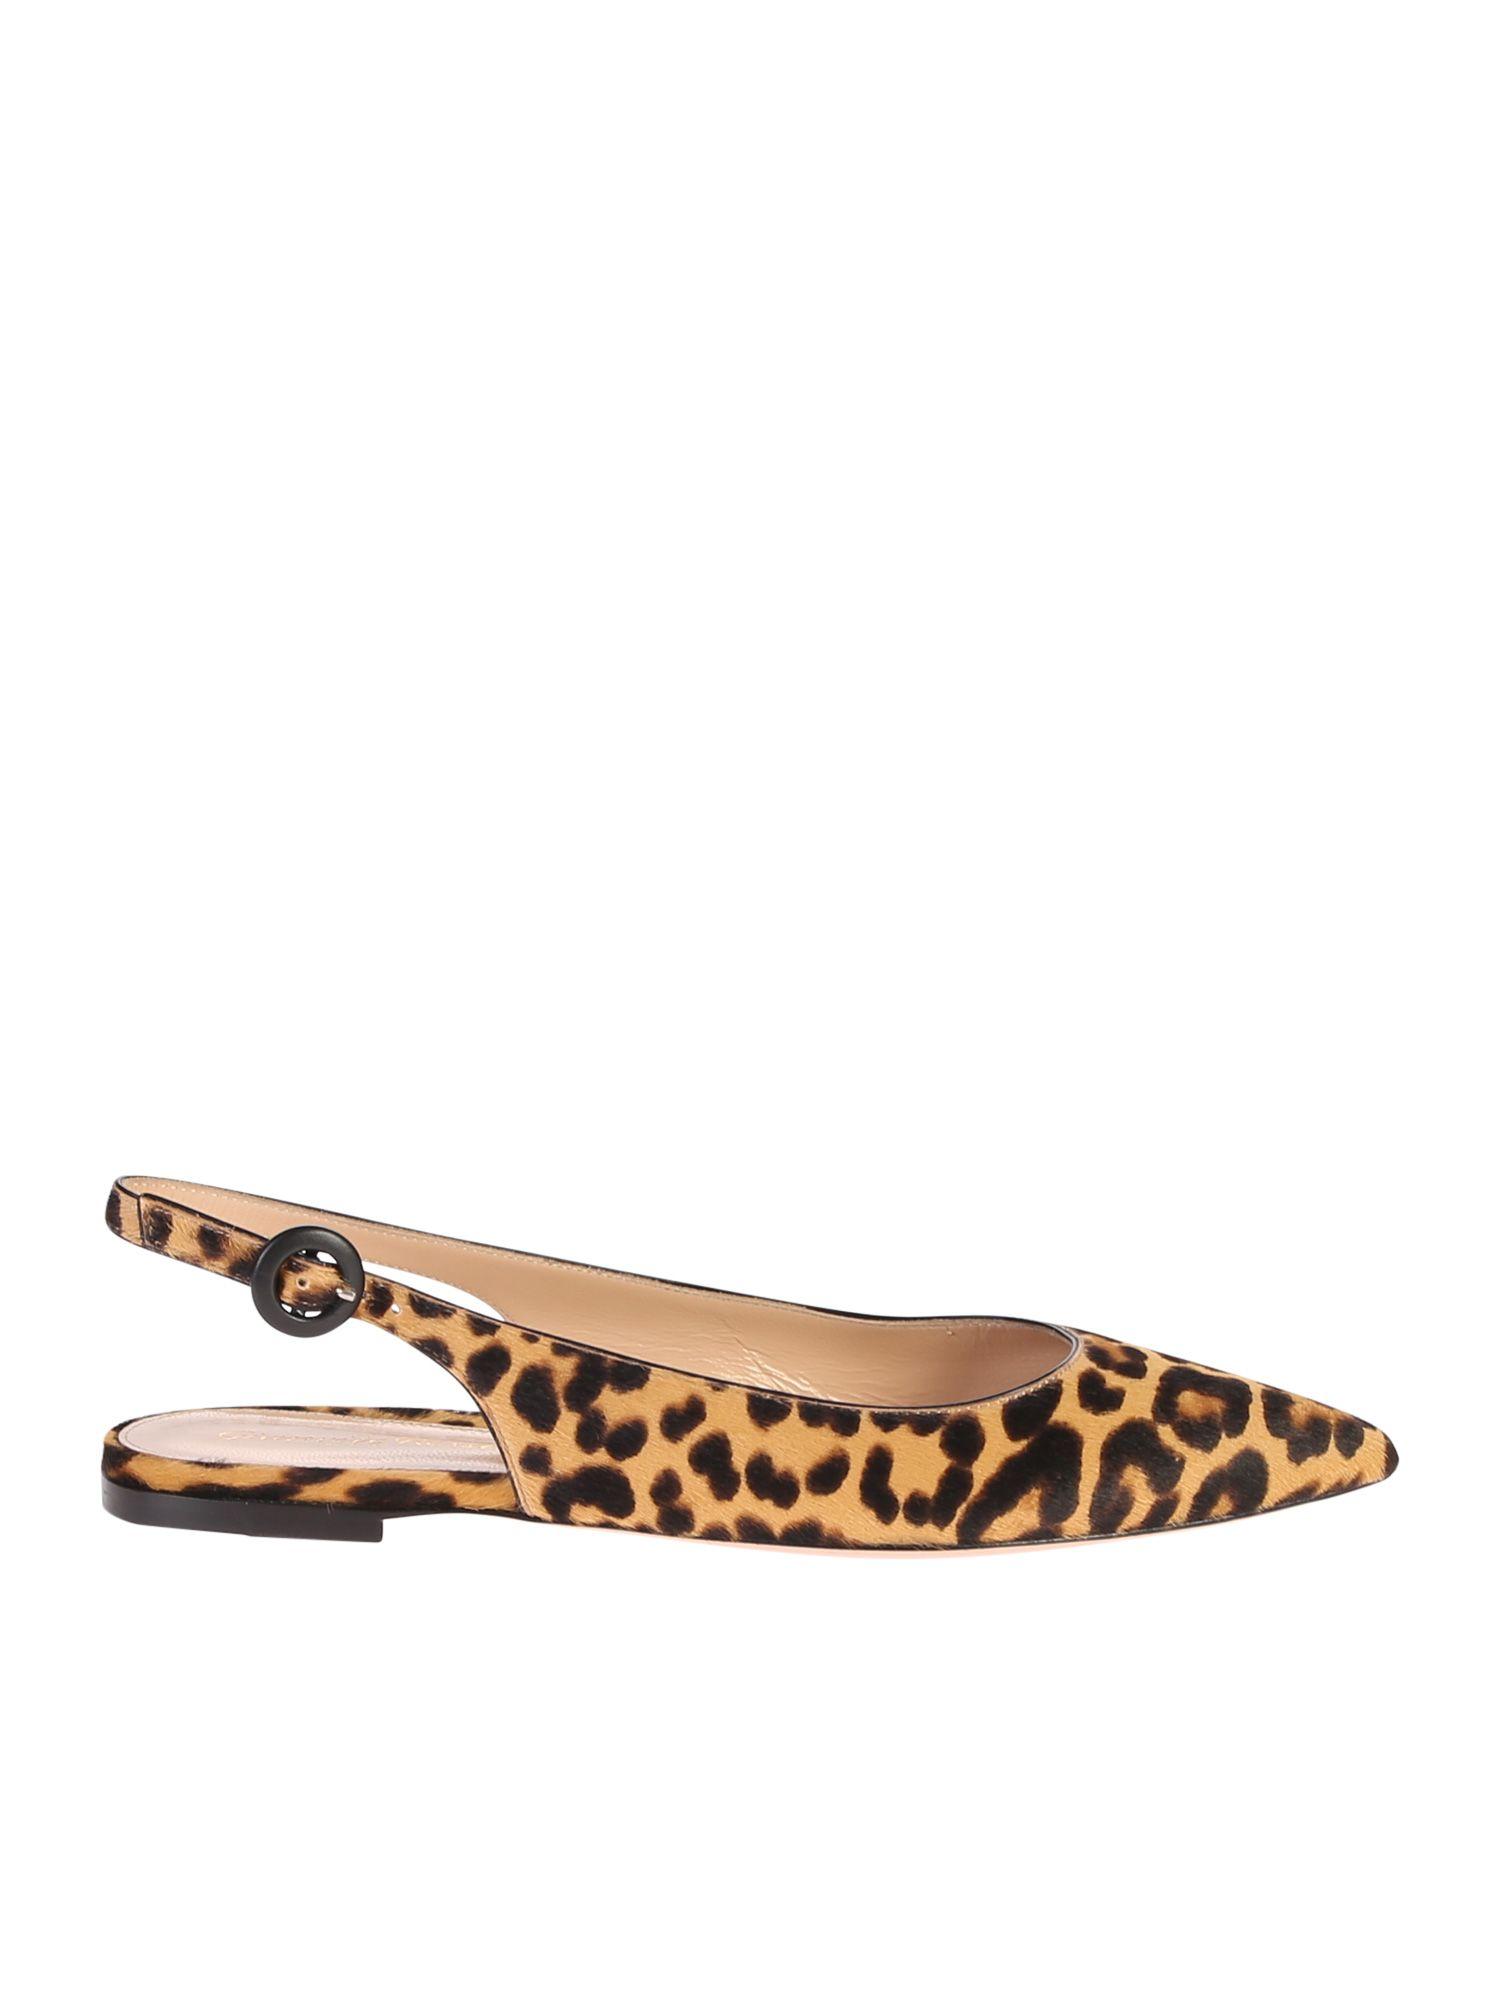 d2beb69642f1 Gianvito Rossi Gianvito Rossi Leopard Print Shoes - Brown - 10873480 ...